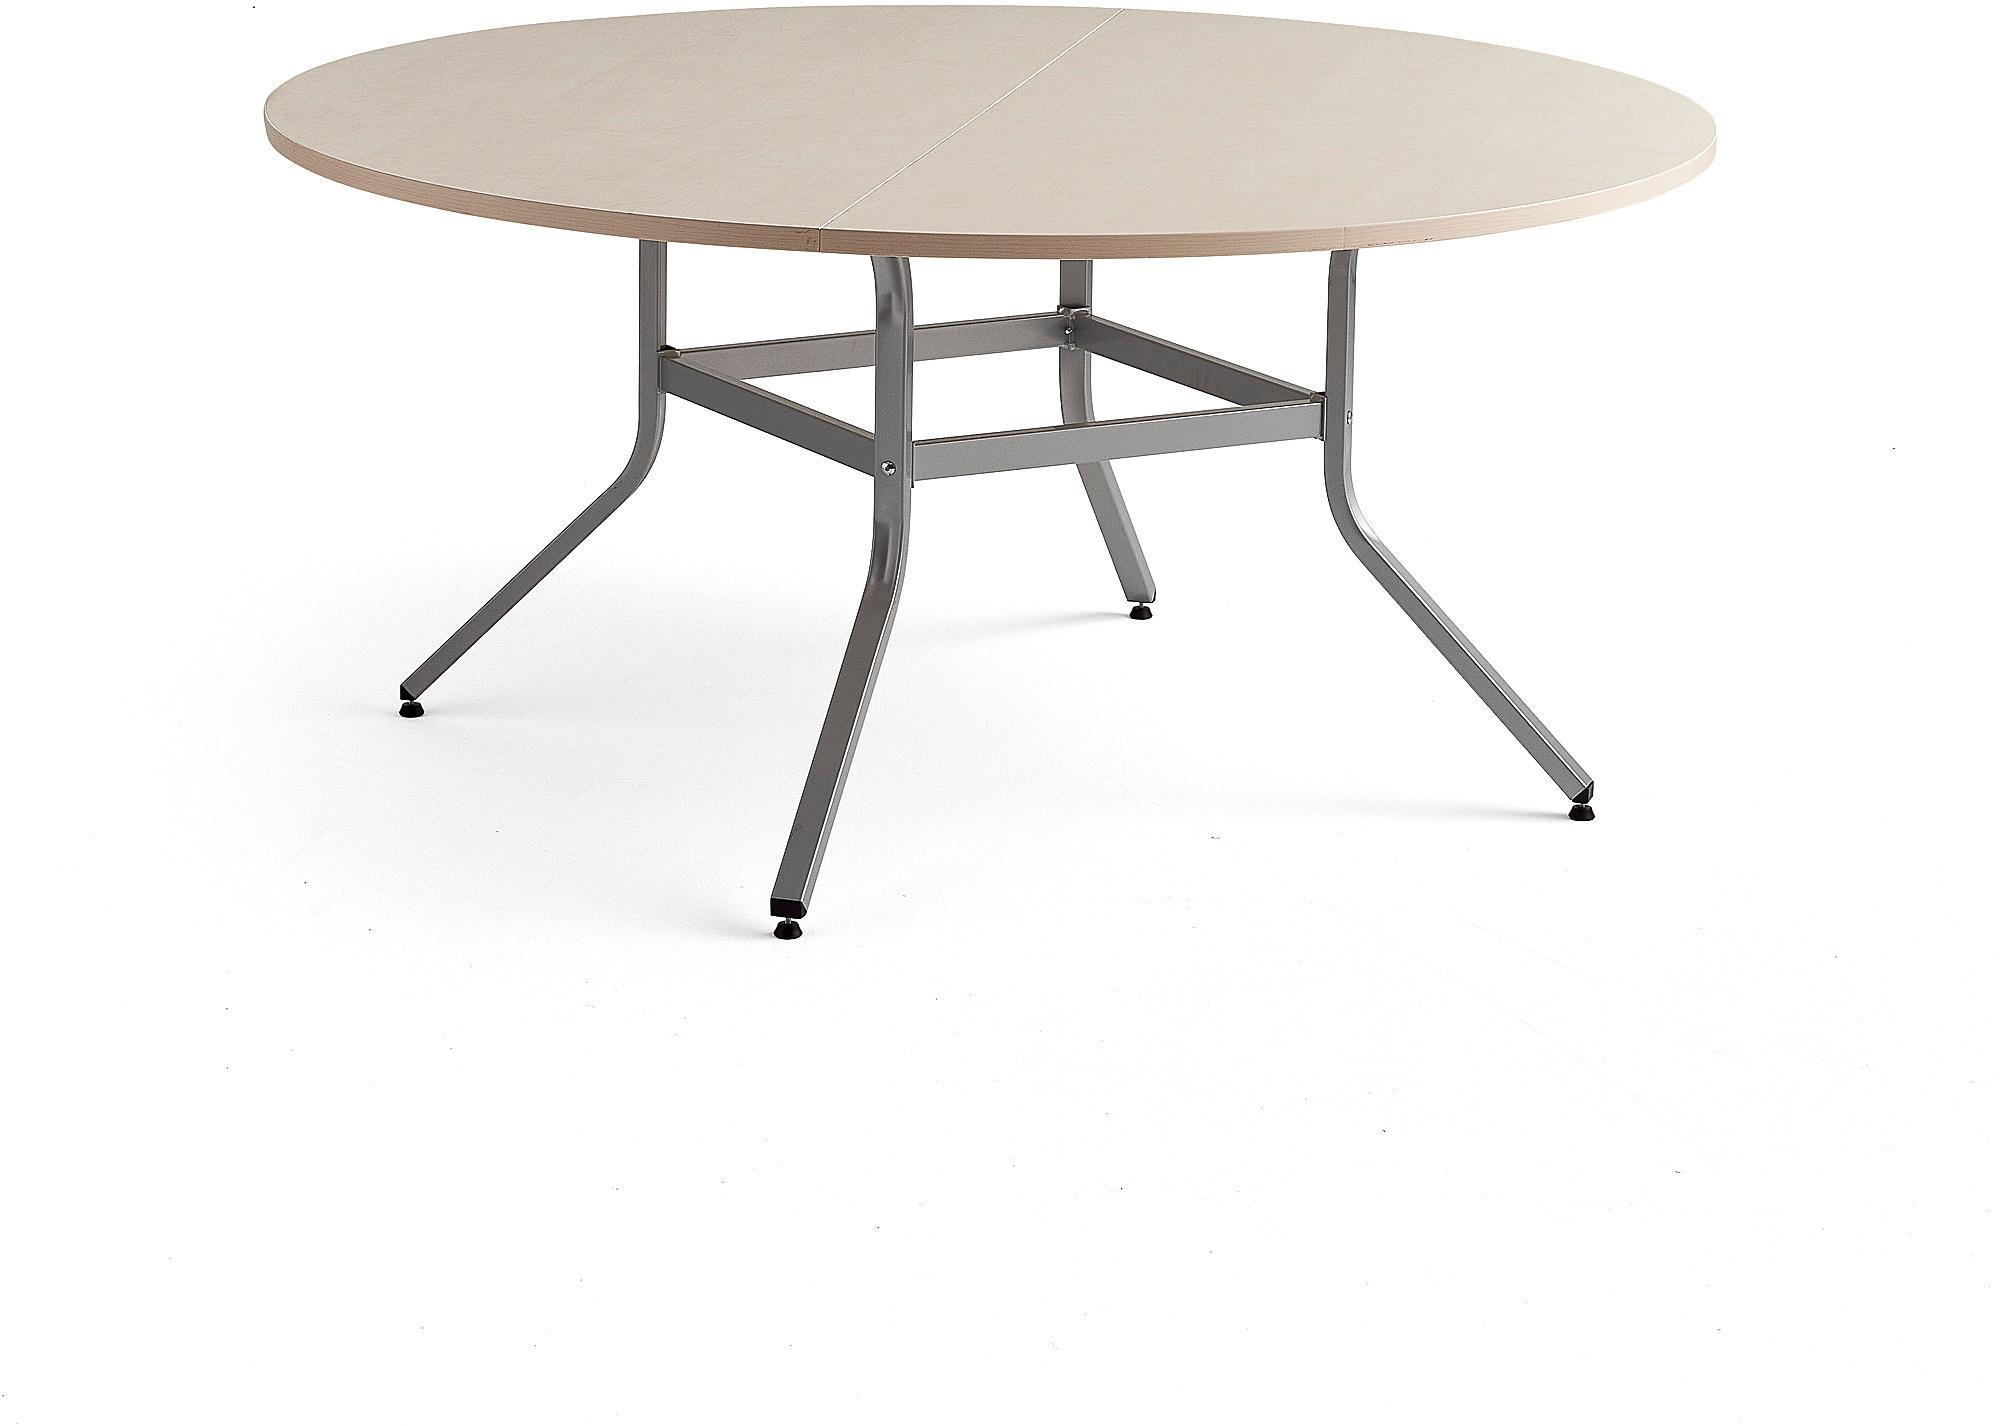 Stôl Various, Ø1600 mm, výška 740 mm, strieborná, breza